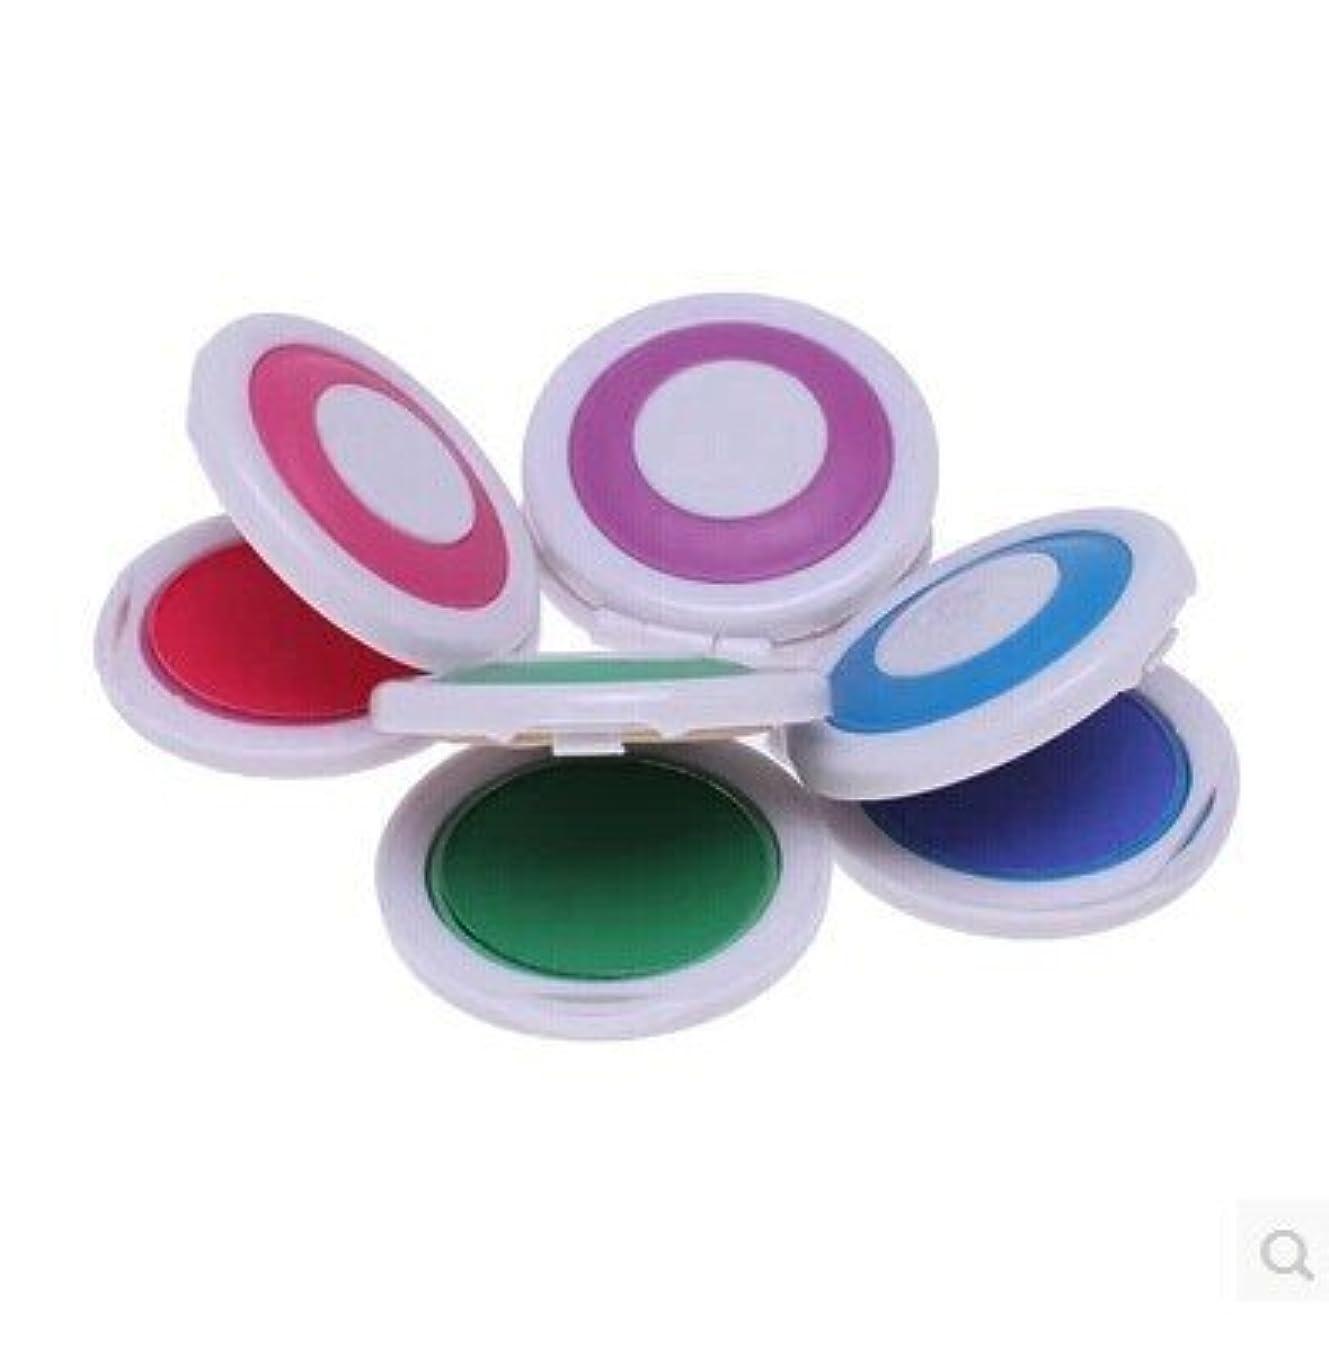 MakeupAcc ヘアカラーチョーク ヘアカラーファンデーション ヘアカラーパウダー パーフェクトパウダー 4色 ピンク 紫 緑 ブルー (105g)